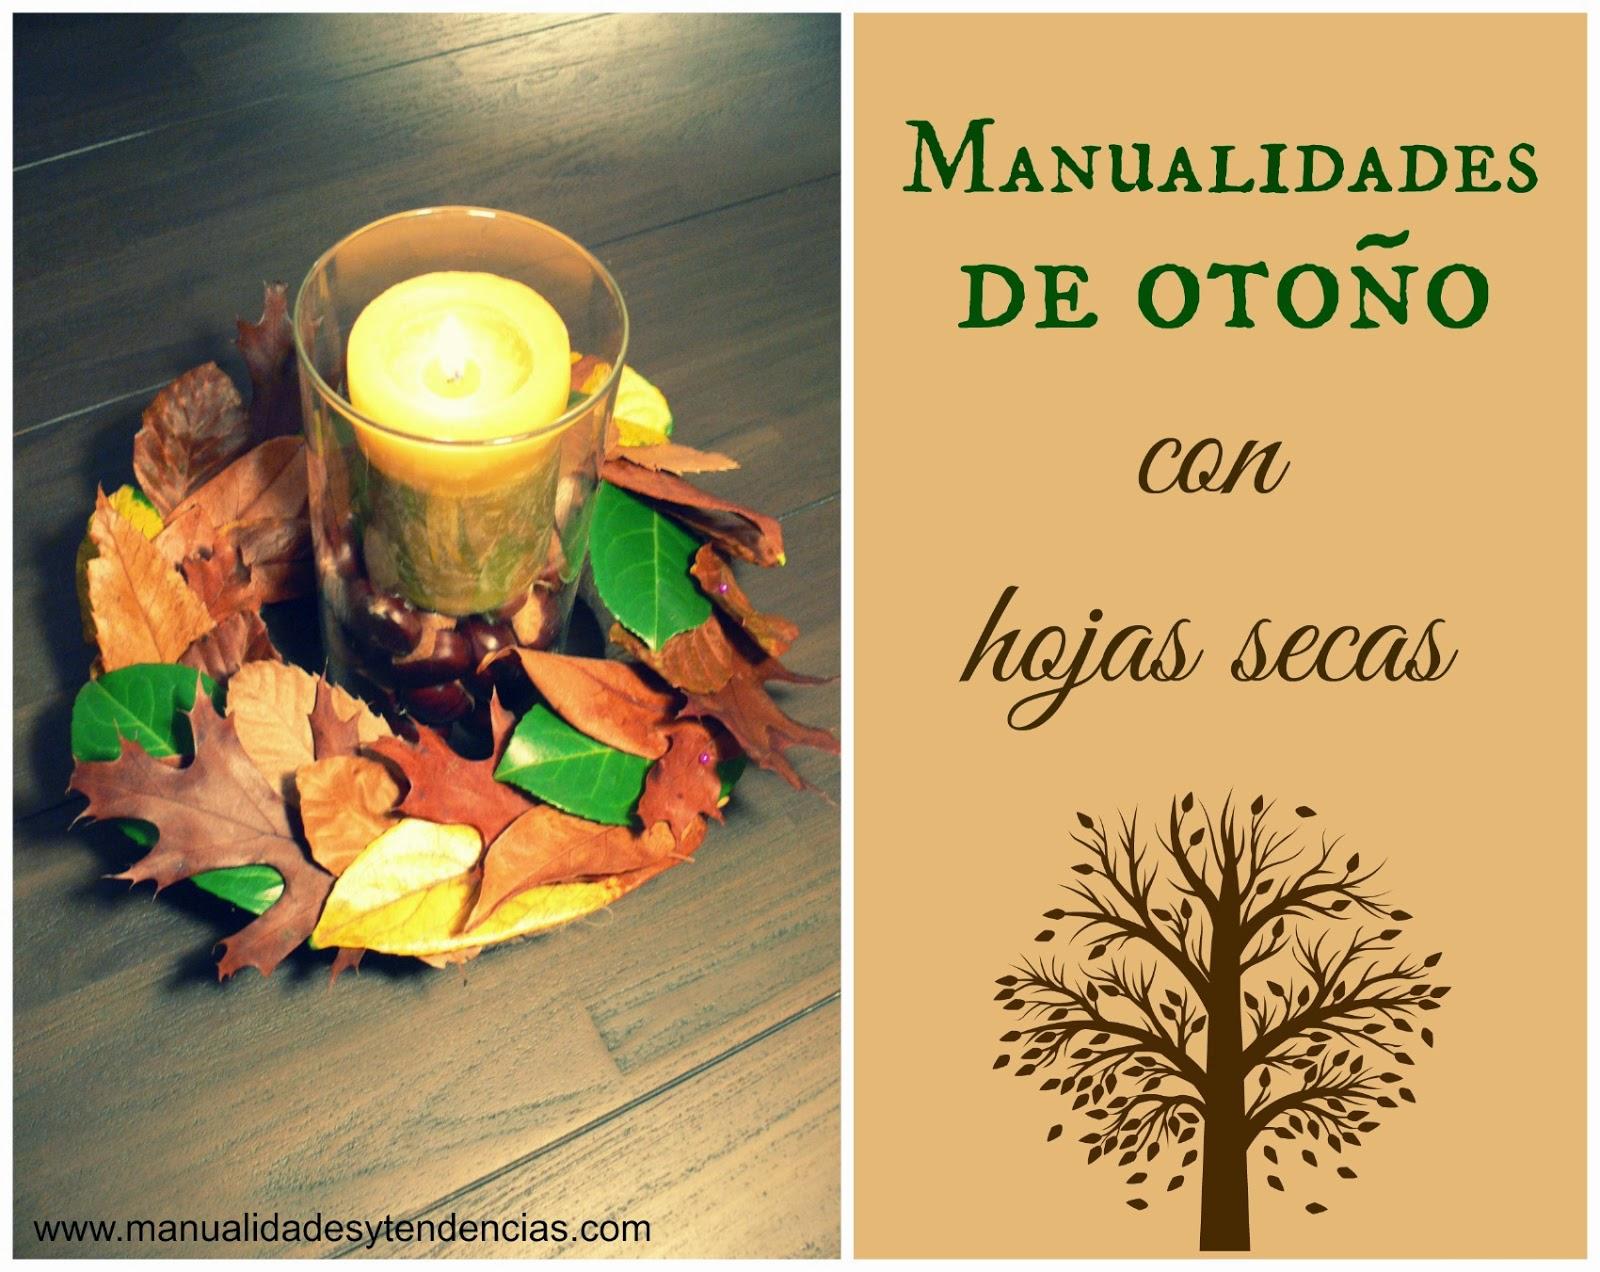 manualidades de otoño con hojas secas